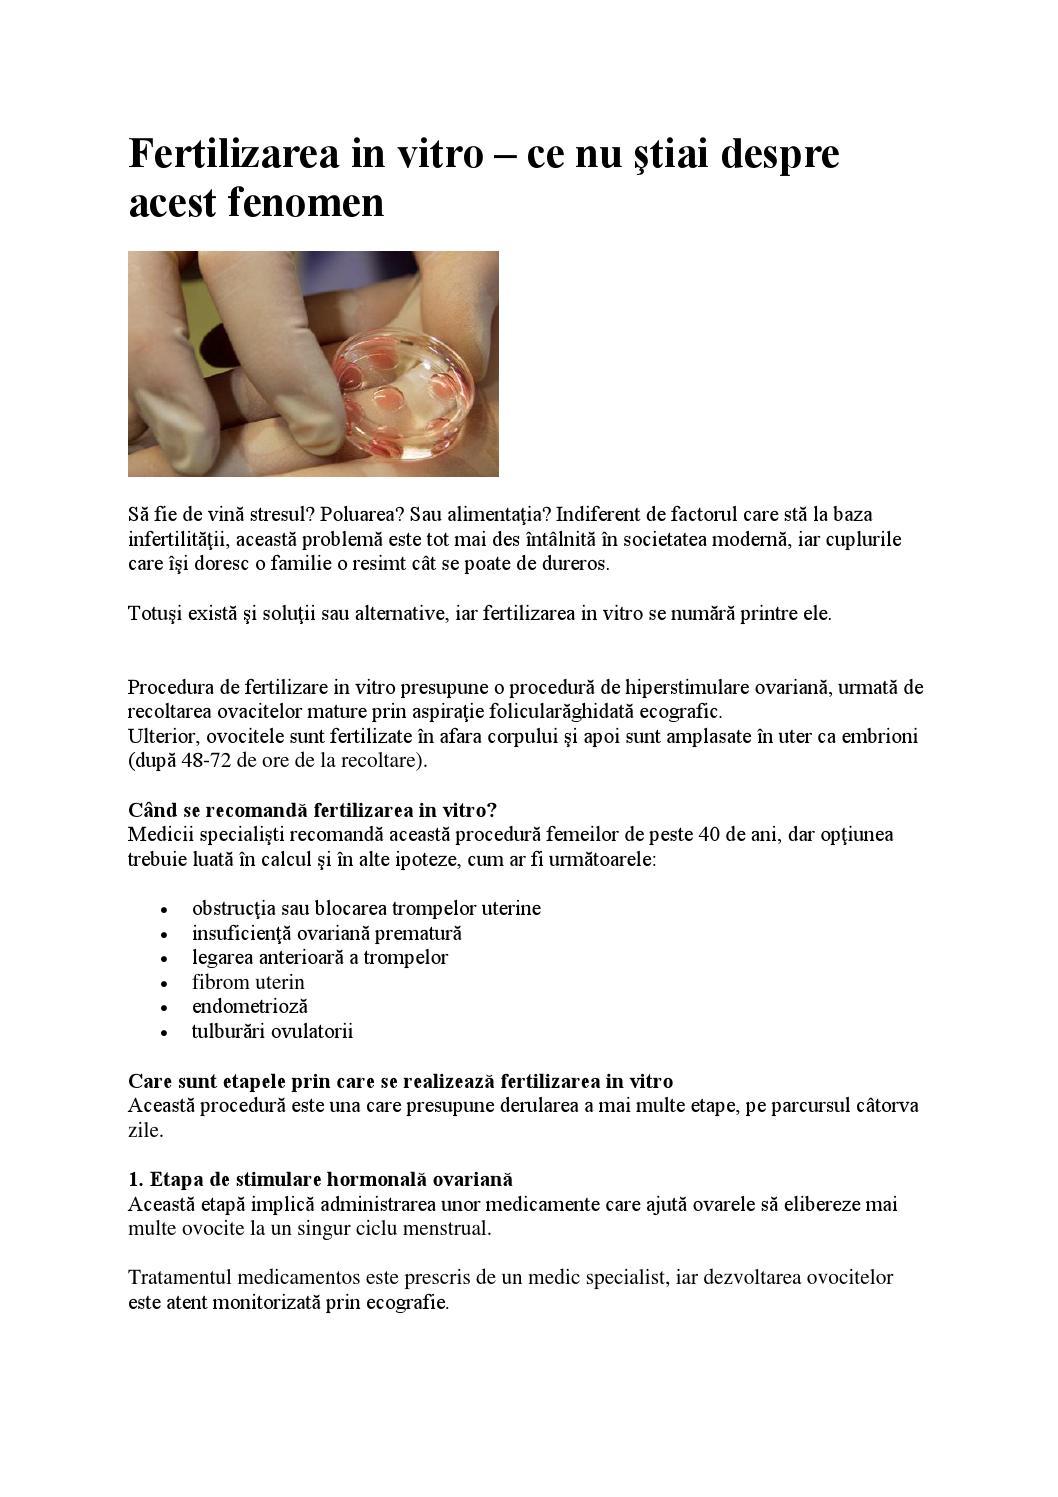 tratamentul ovocitelor